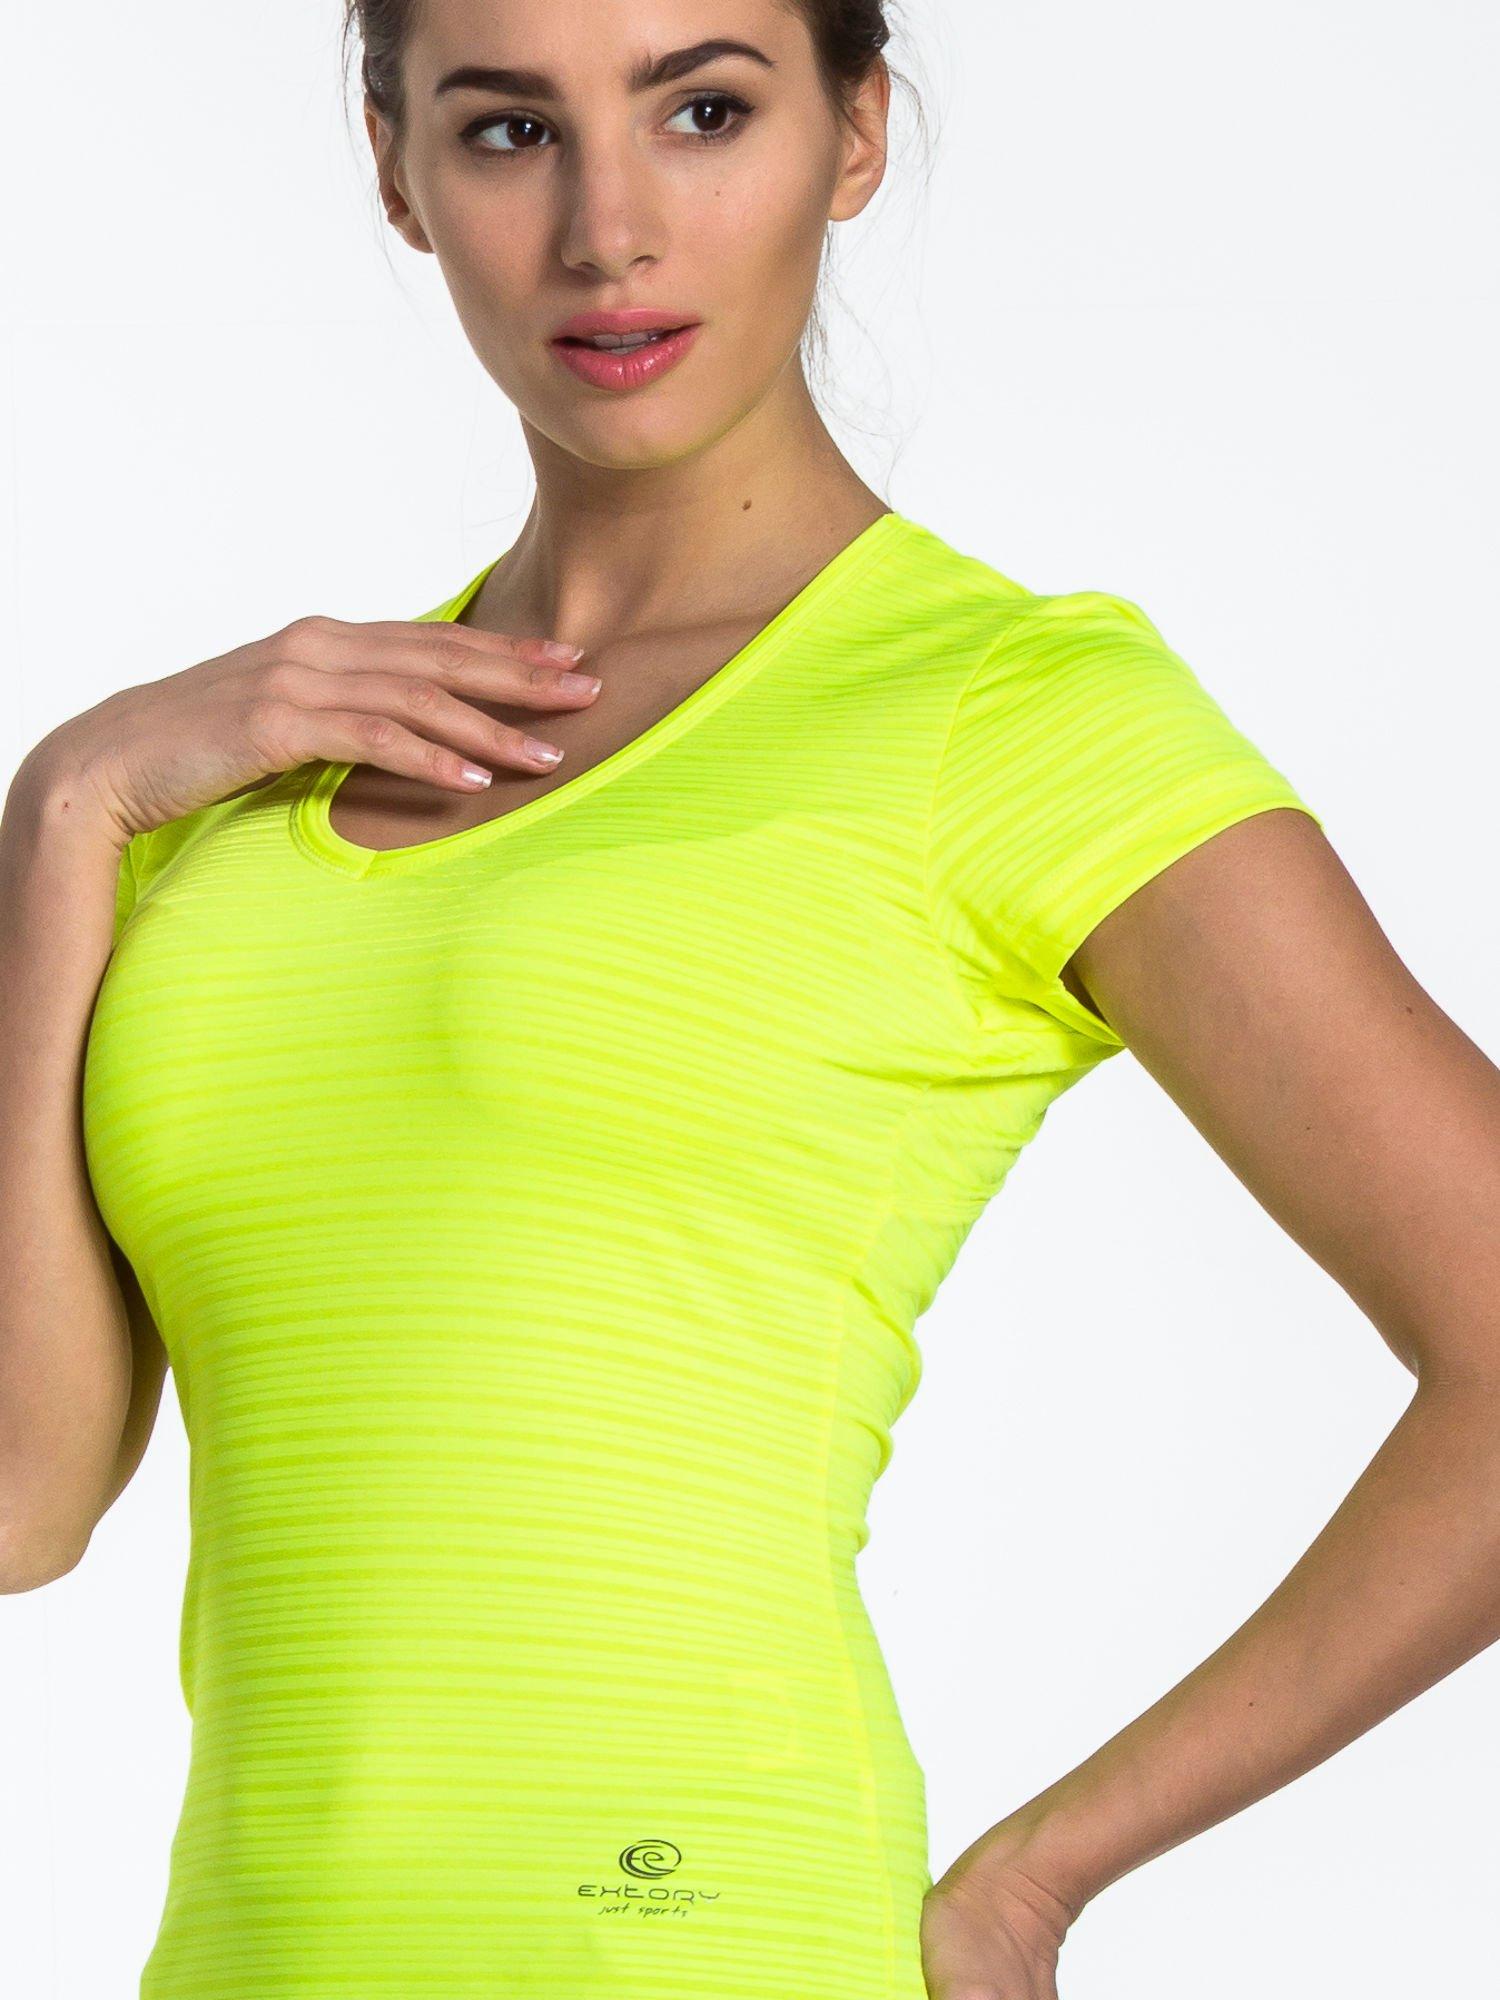 Fluożółty t-shirt sportowy w paseczki                                  zdj.                                  4